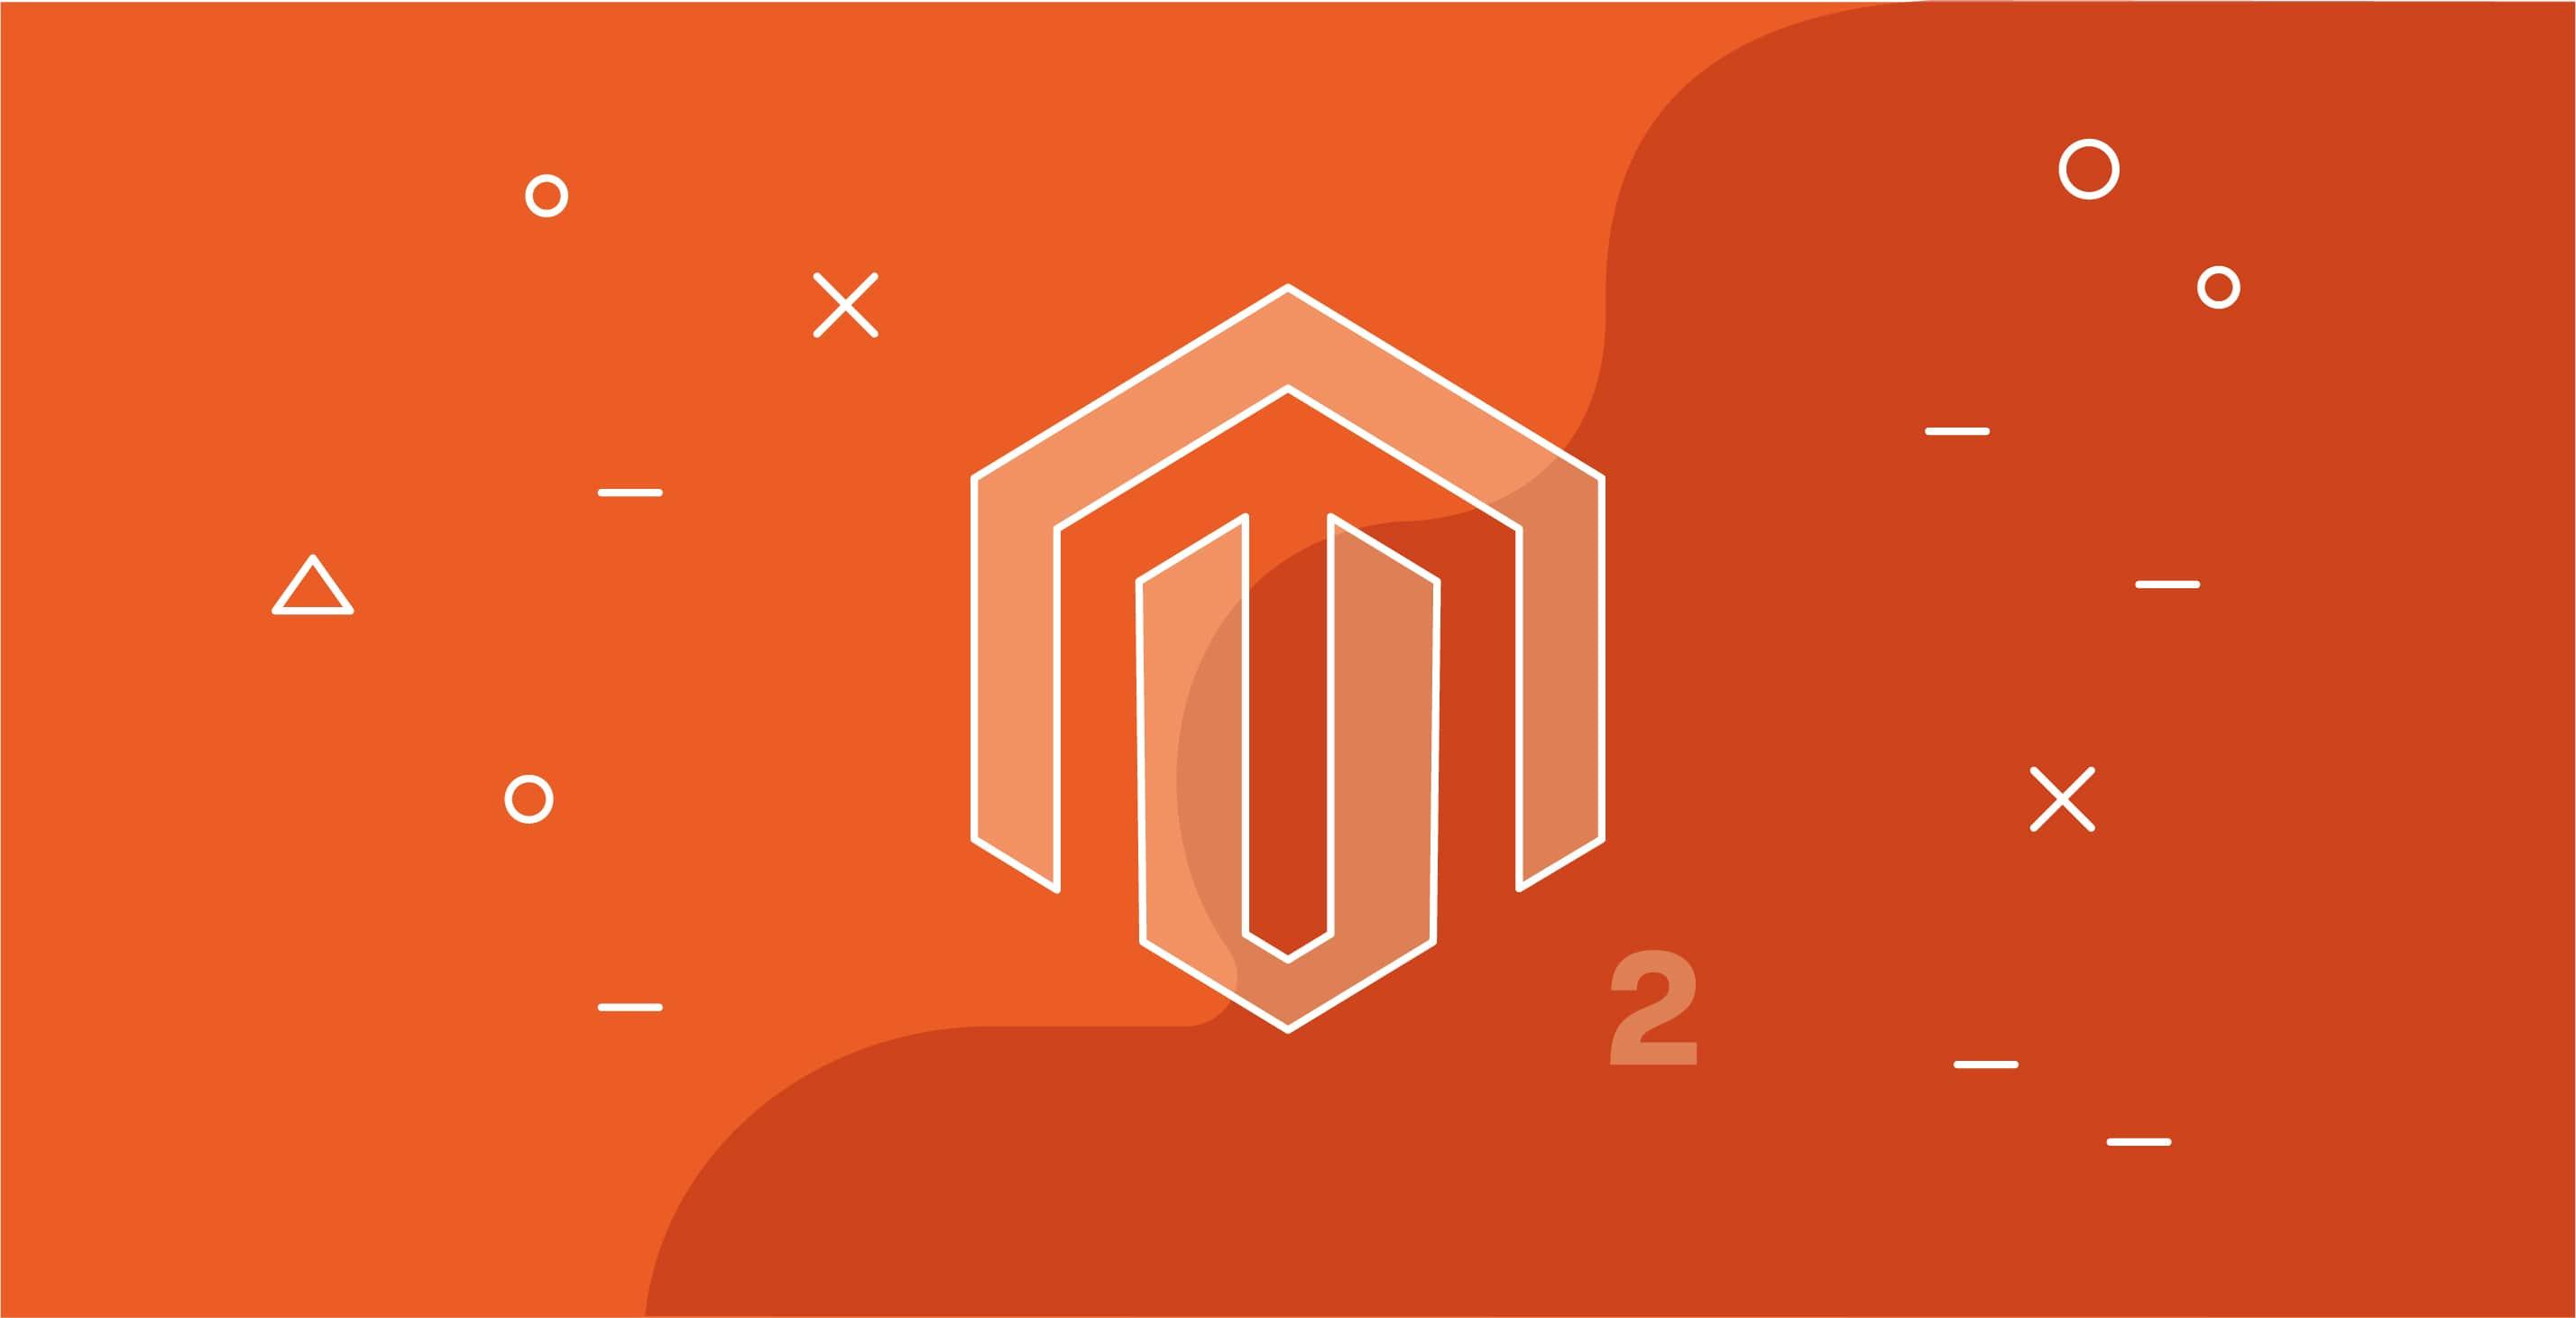 logo di magento 2